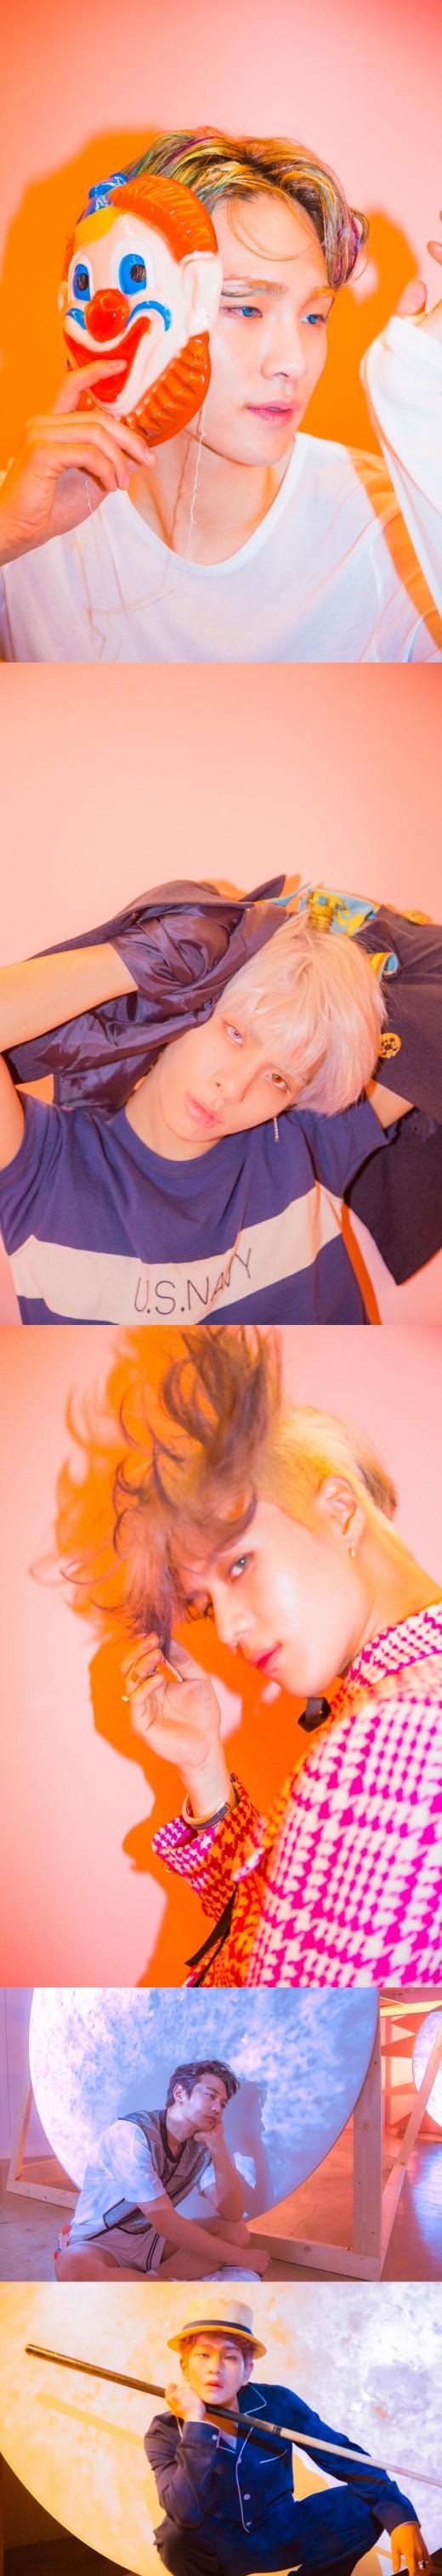 '컴백' 샤이니, 타이틀곡 '뷰'…단독콘서트서 최초 공개